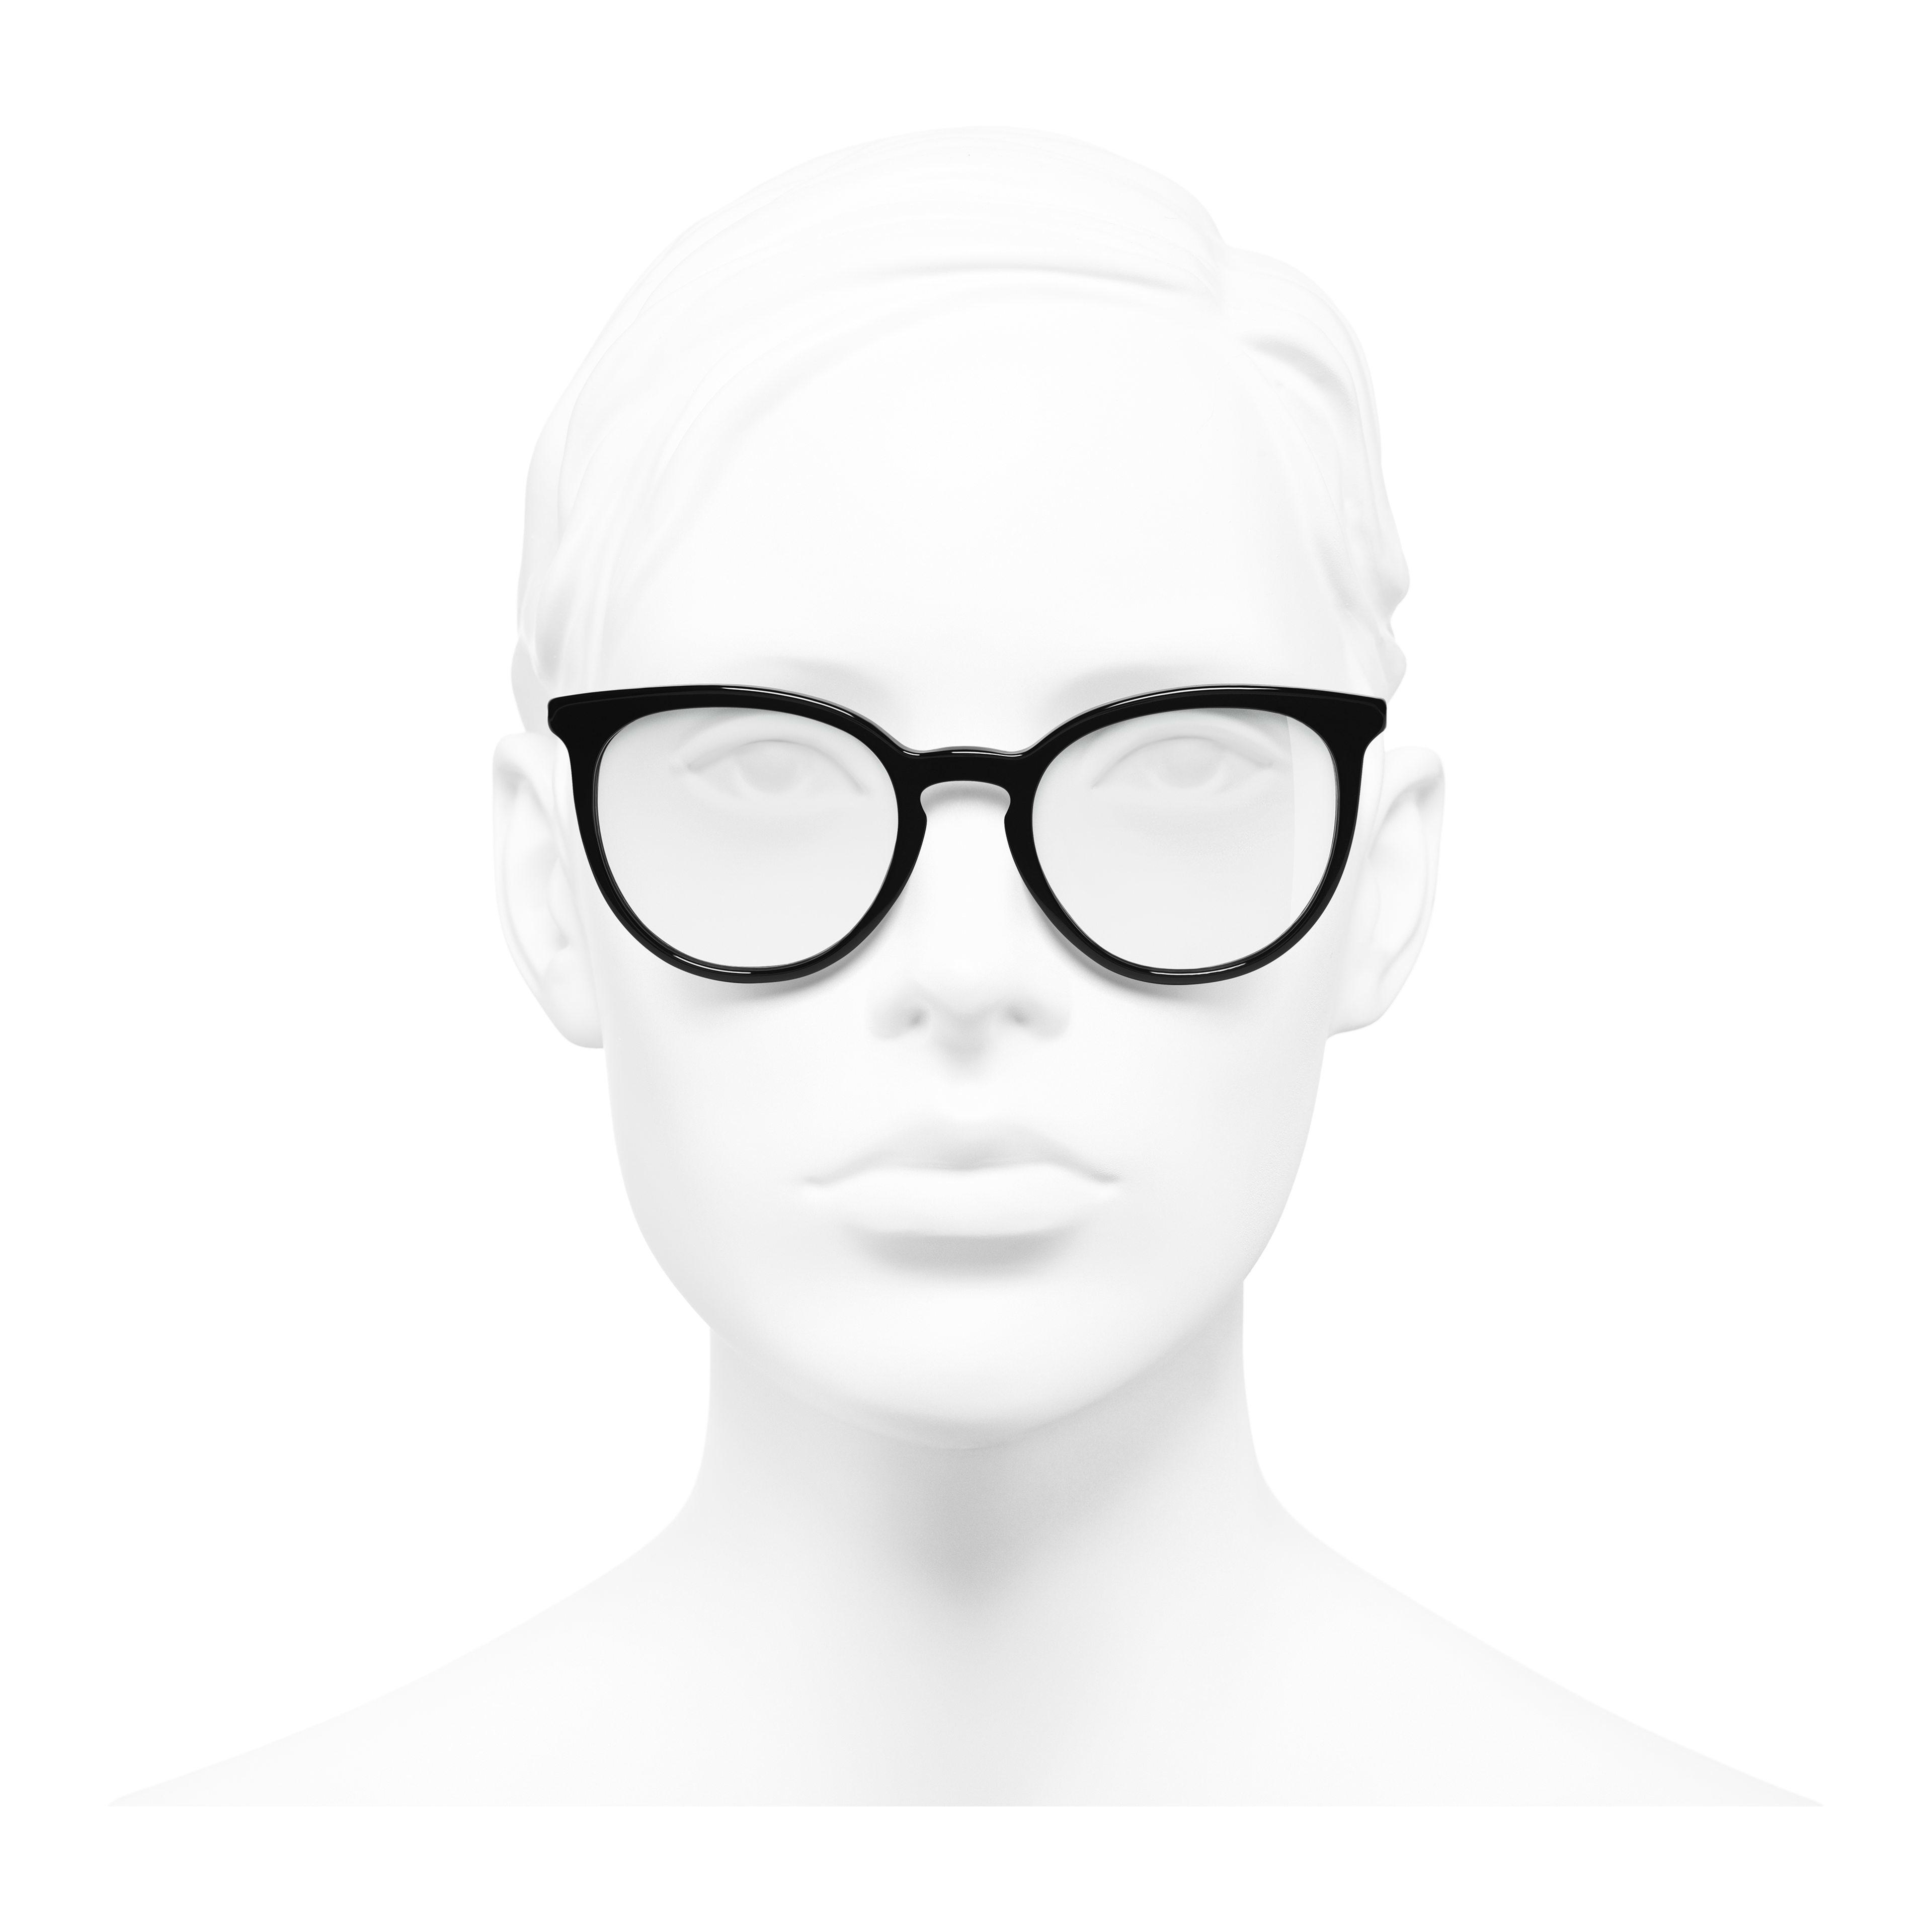 แว่นสายตาทรง Pantos (แพนโทส) - สีดำ - อะซิเตทและมุก - มุมมองการสวมใส่ด้านหน้า - ดูเวอร์ชันขนาดเต็ม